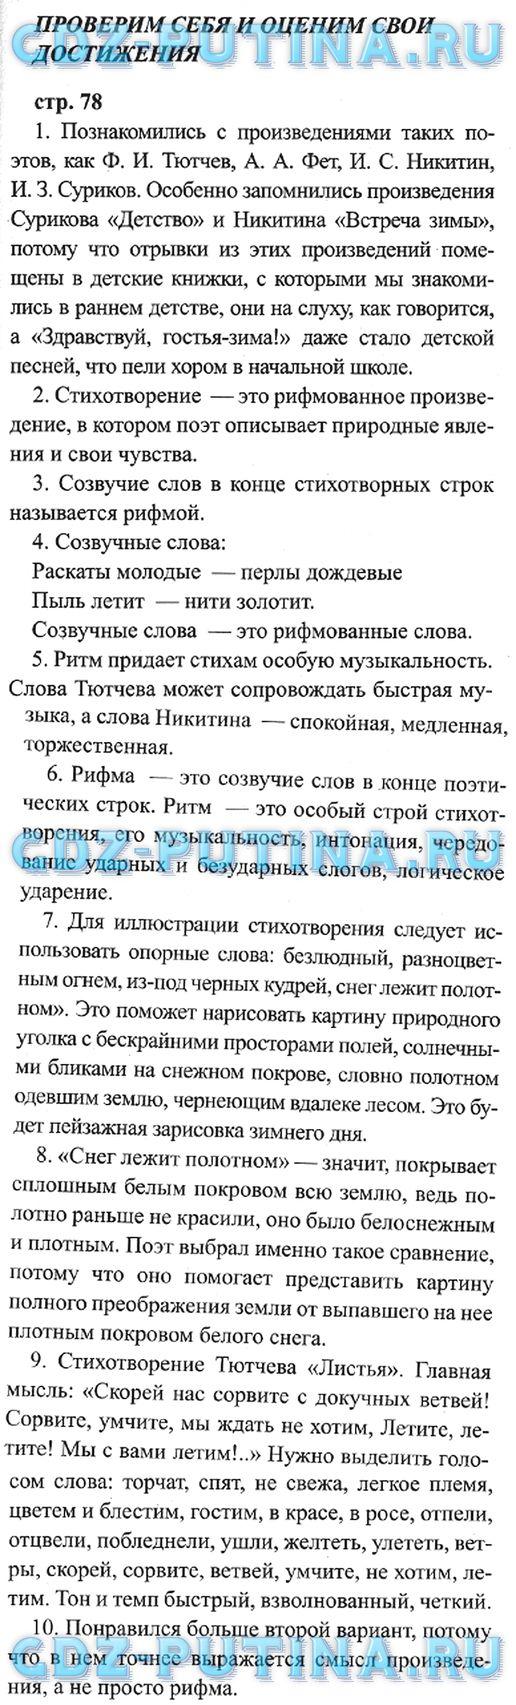 Математика 4 класс школа россии ответы 1 часть школа россии читать онлайн